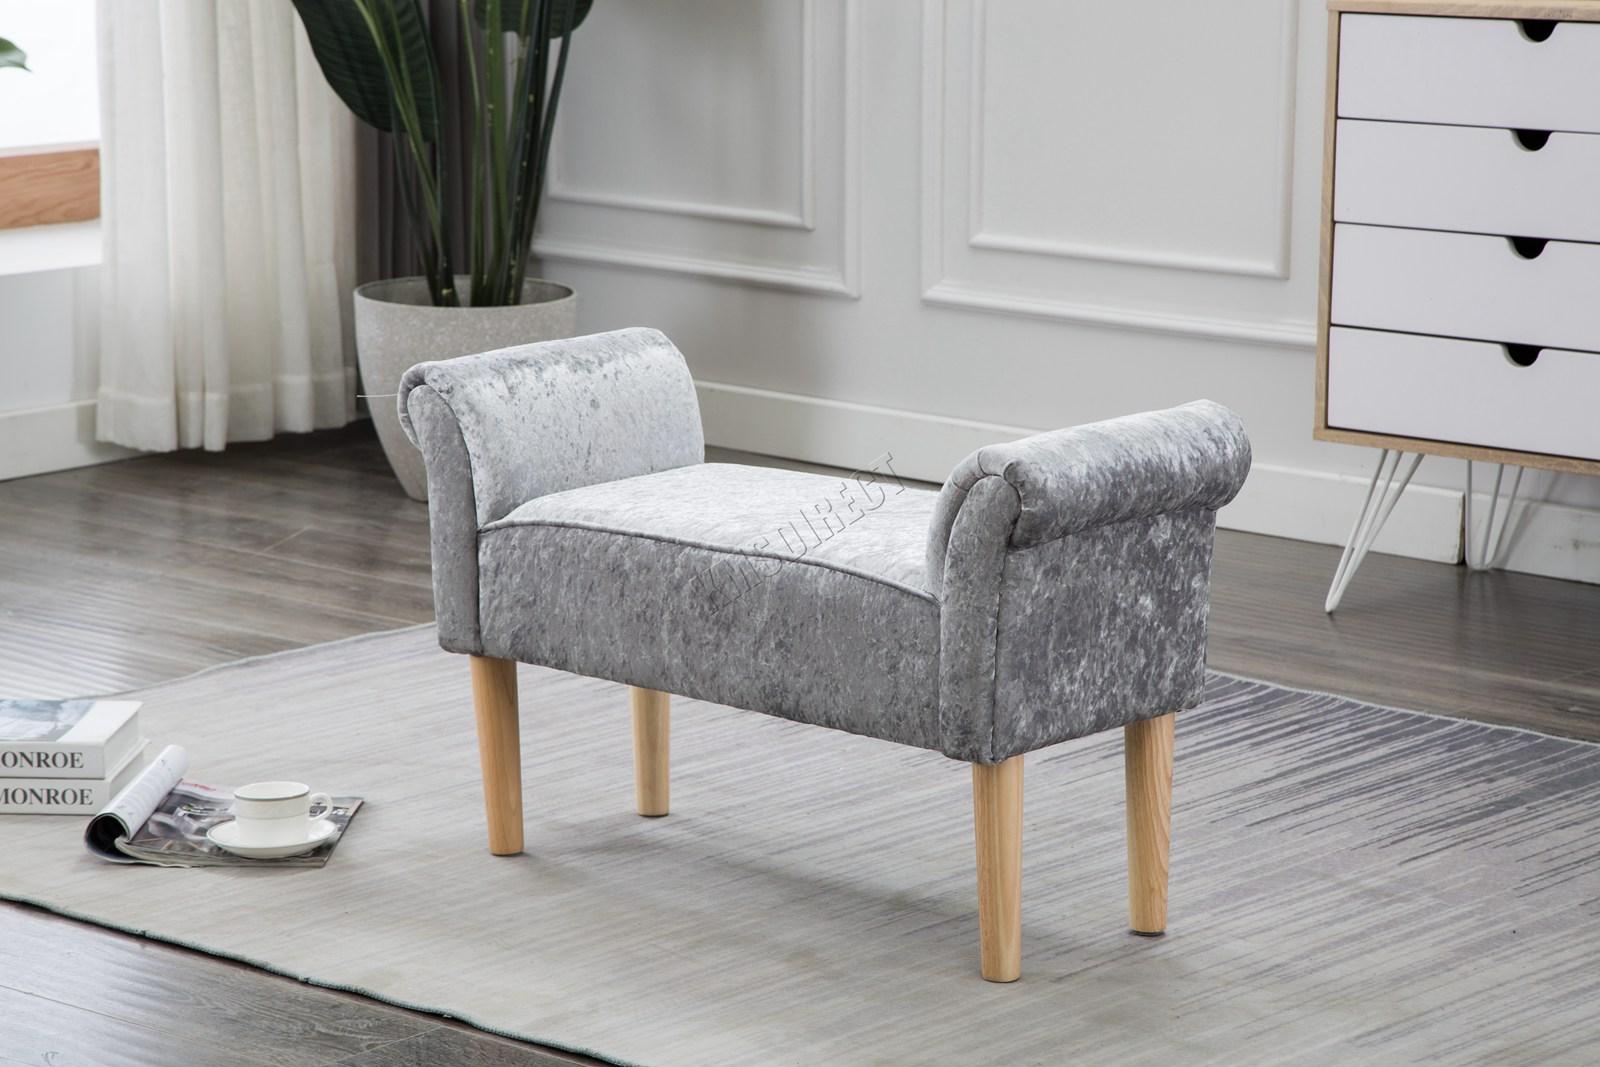 WestWood Fabric Bench Footstool Seat Pouf Pouffee Ottoman ...